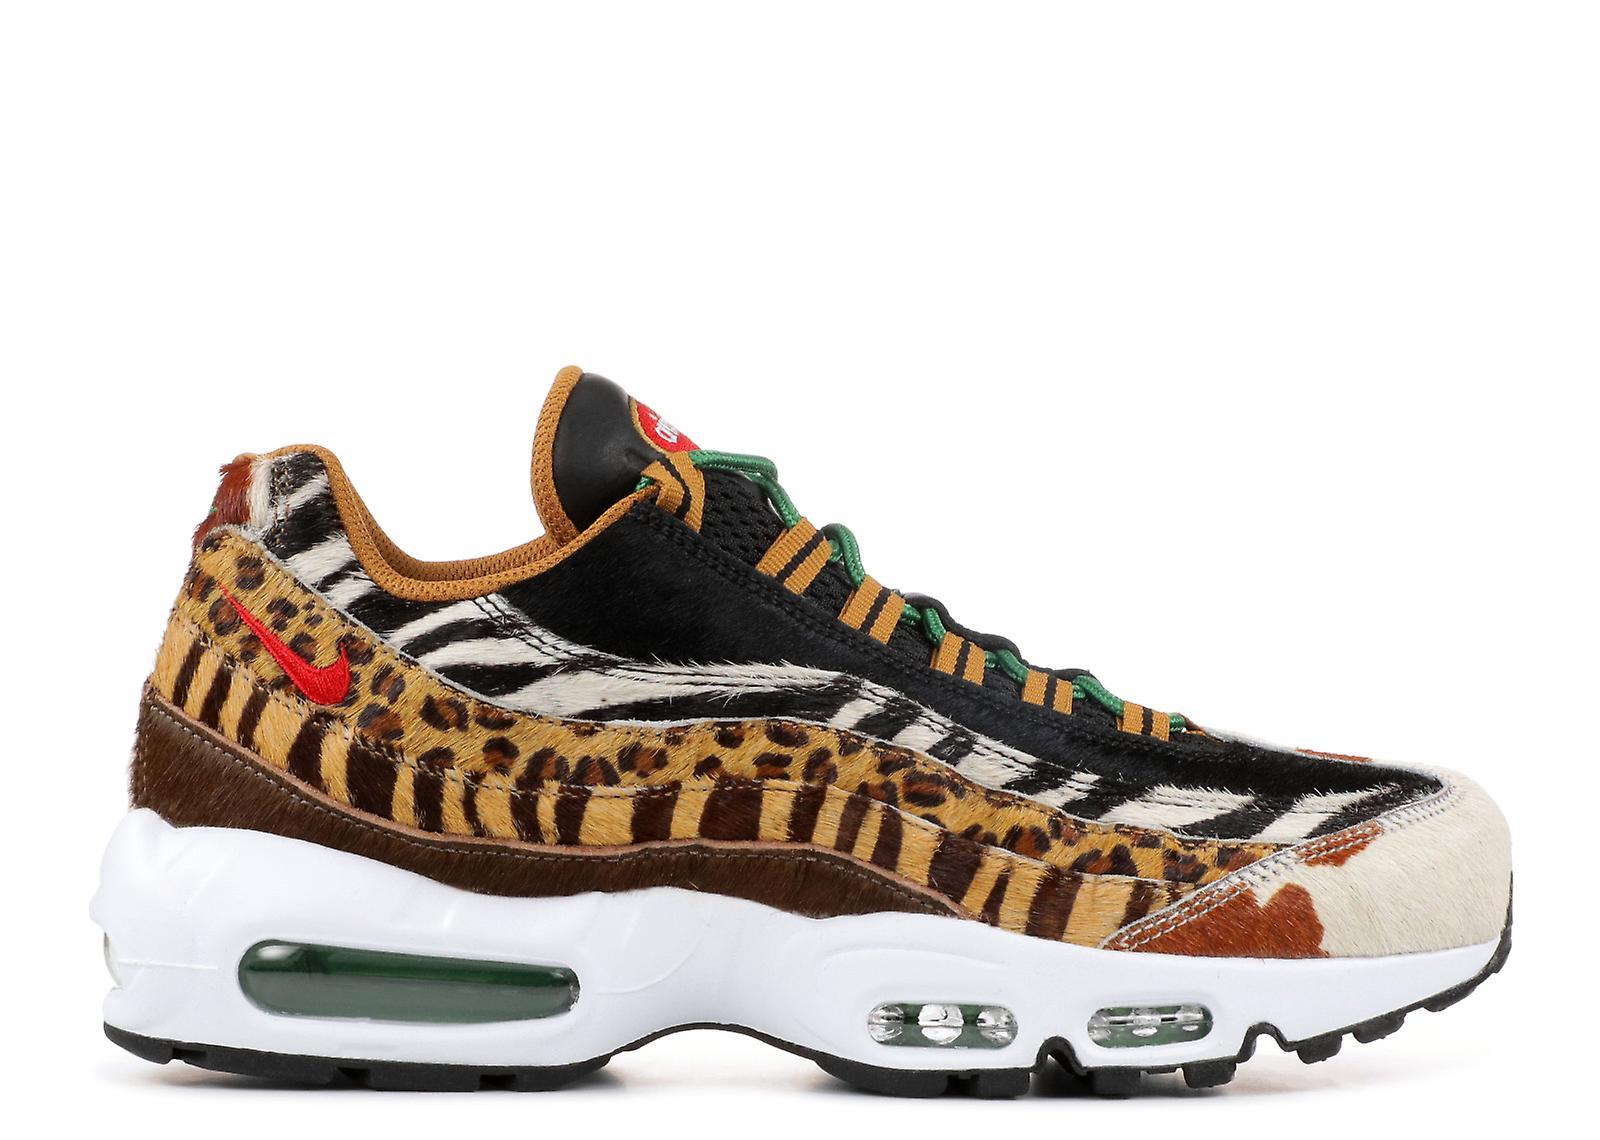 Nike air max 95 atmos animal pack 2.0 dames sneakers bruinzwart vind je in Sneakerstad